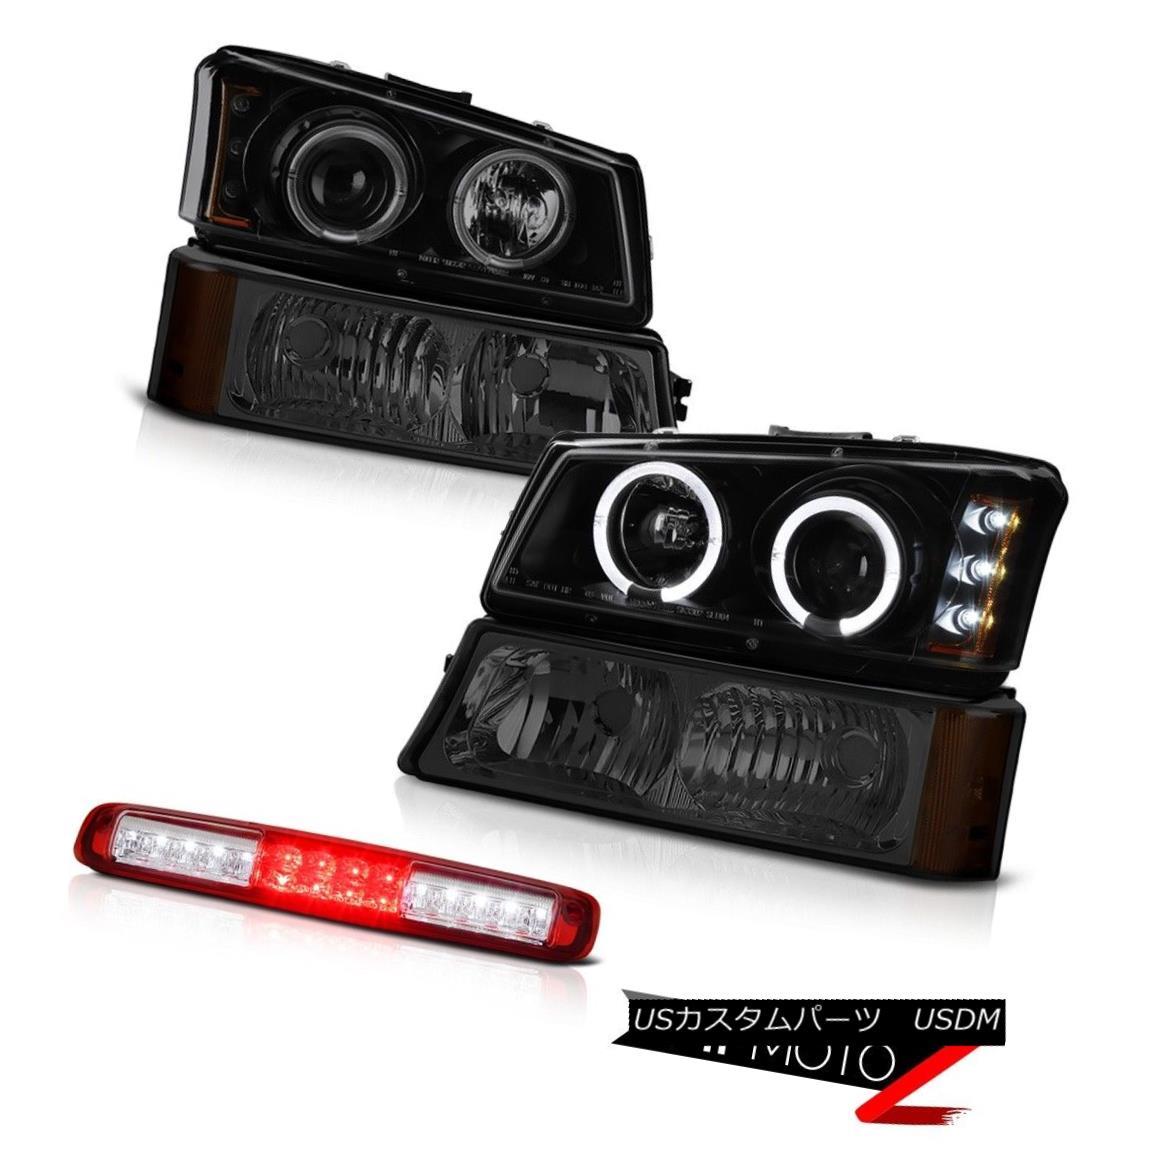 ヘッドライト 03-06 Chevy Silverado Roof Cab Lamp Smoked Bumper Darkest Smoke Headlights LED 03-06 Chevy Silverado Roof Cab LampスモークバンパーDarkest Smoke Headlights LED